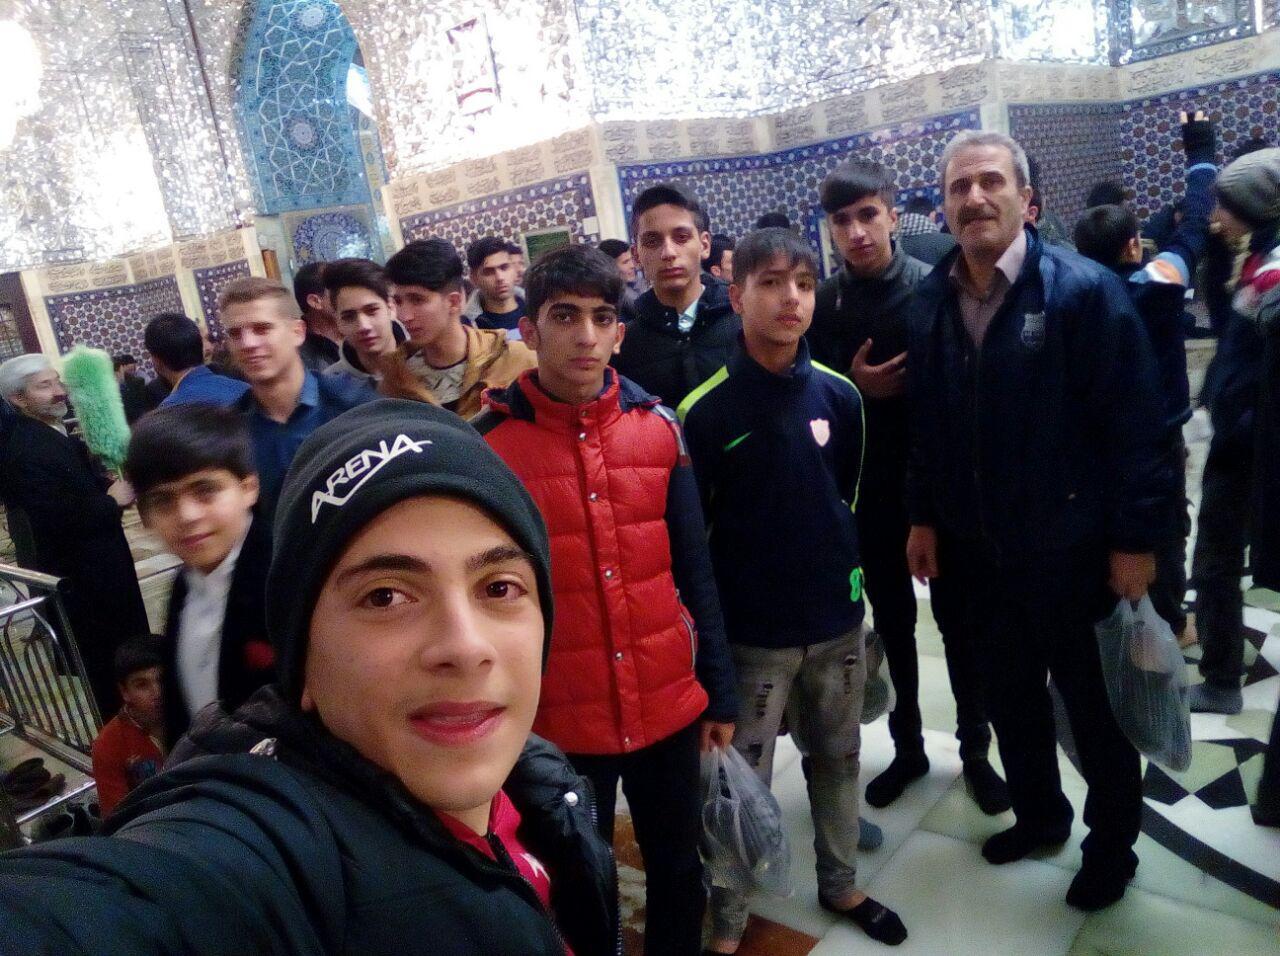 سفر زیارتی دانش آموزان دبیرستان شهدای صنف گردبافان به مشهد مقدس برگزار شد.